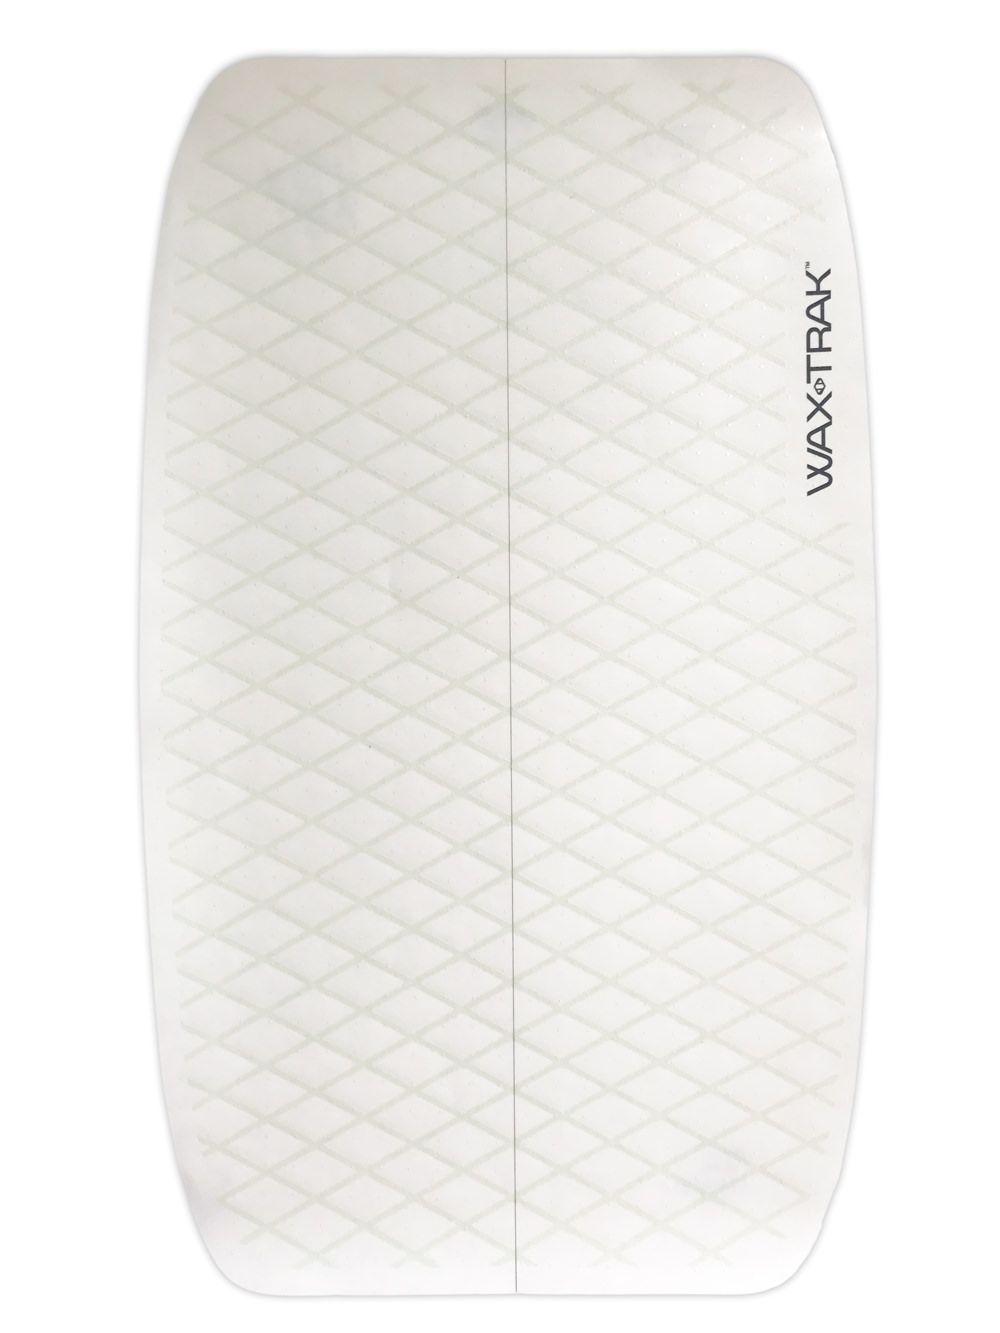 Película Adesiva de Aderência WAXTRAK para Prancha de Surfe modelo Crossfire